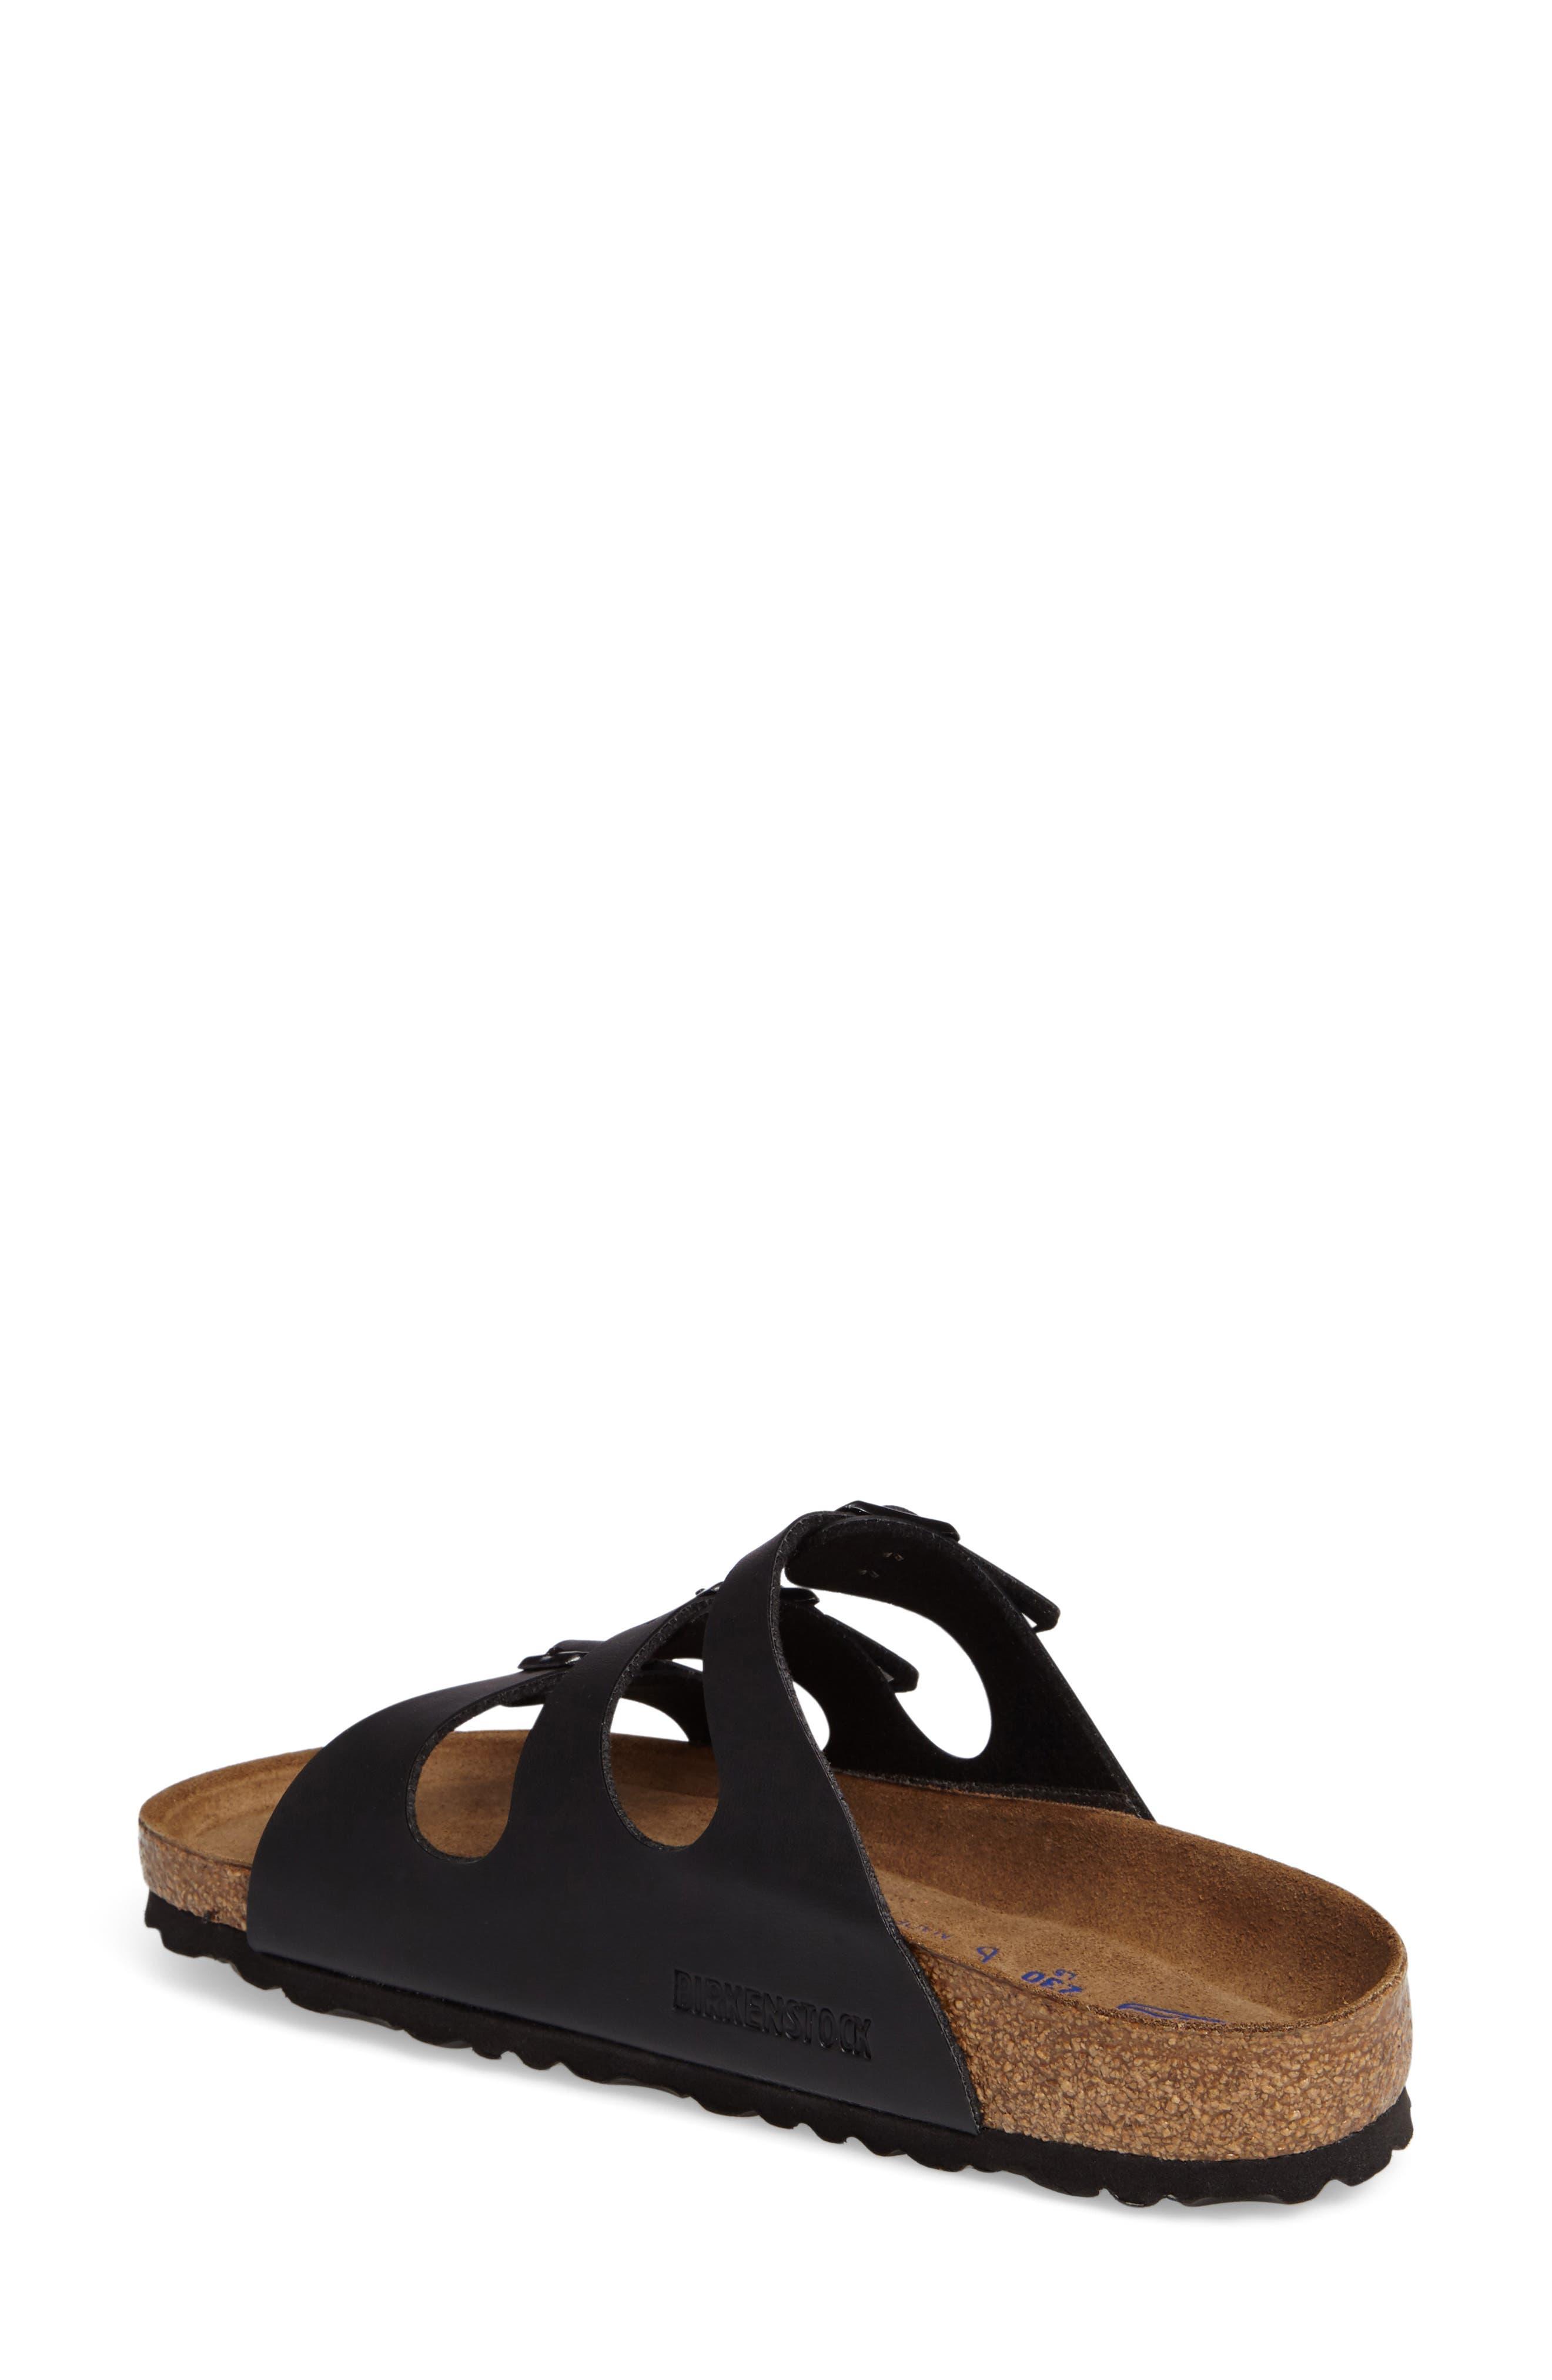 Florida Soft Footbed Slide Sandal,                             Alternate thumbnail 2, color,                             BLACK